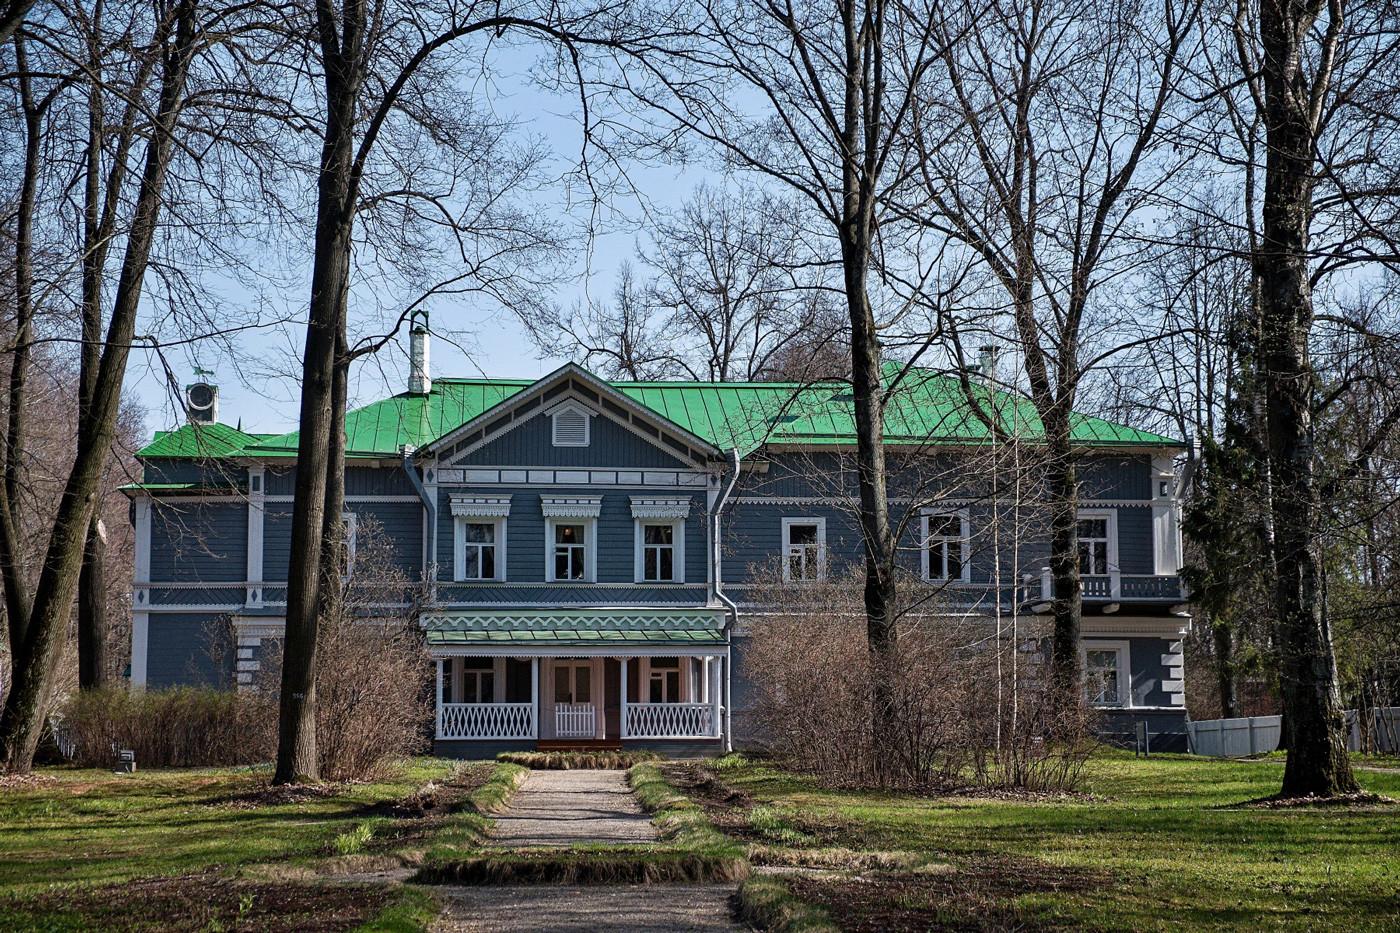 Кућа-музеј П. Чајковског. Клин, Русија